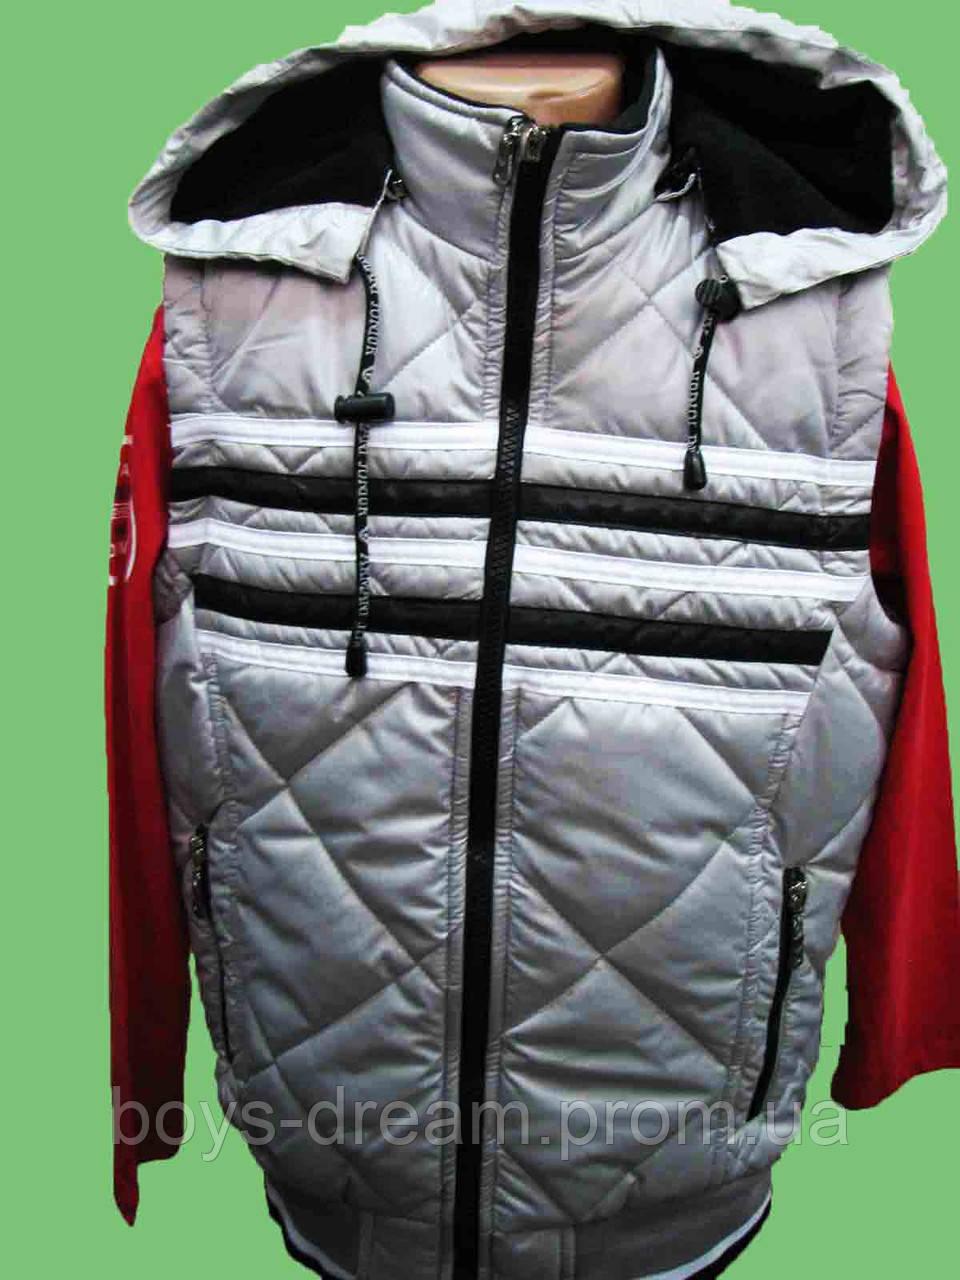 Жилетка для мальчика 10-11 лет 146 (Турция)